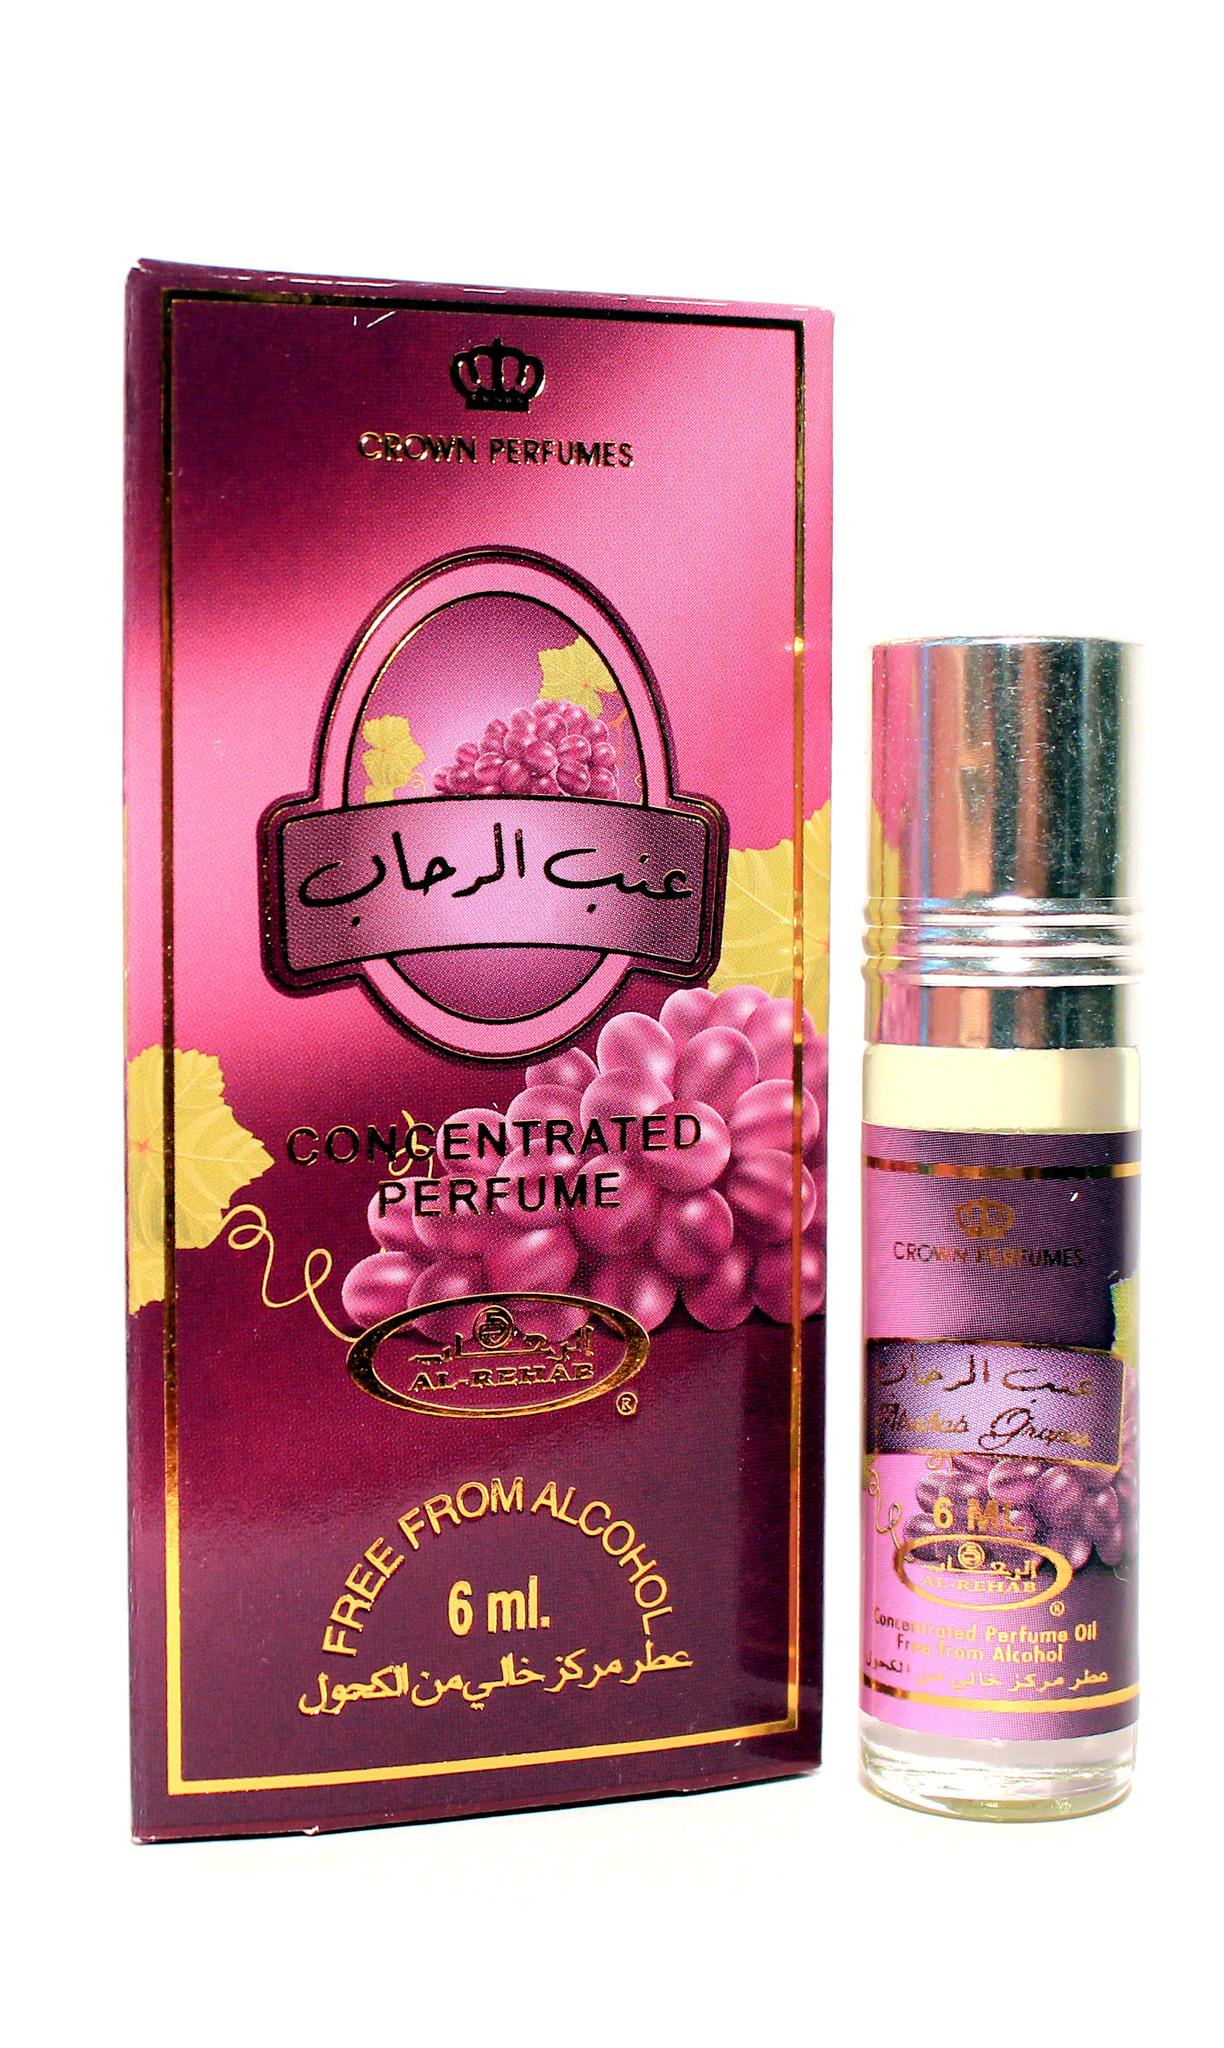 Grapes Грейпс 6 мл арабские масляные духи от Аль Рехаб Al Rehab